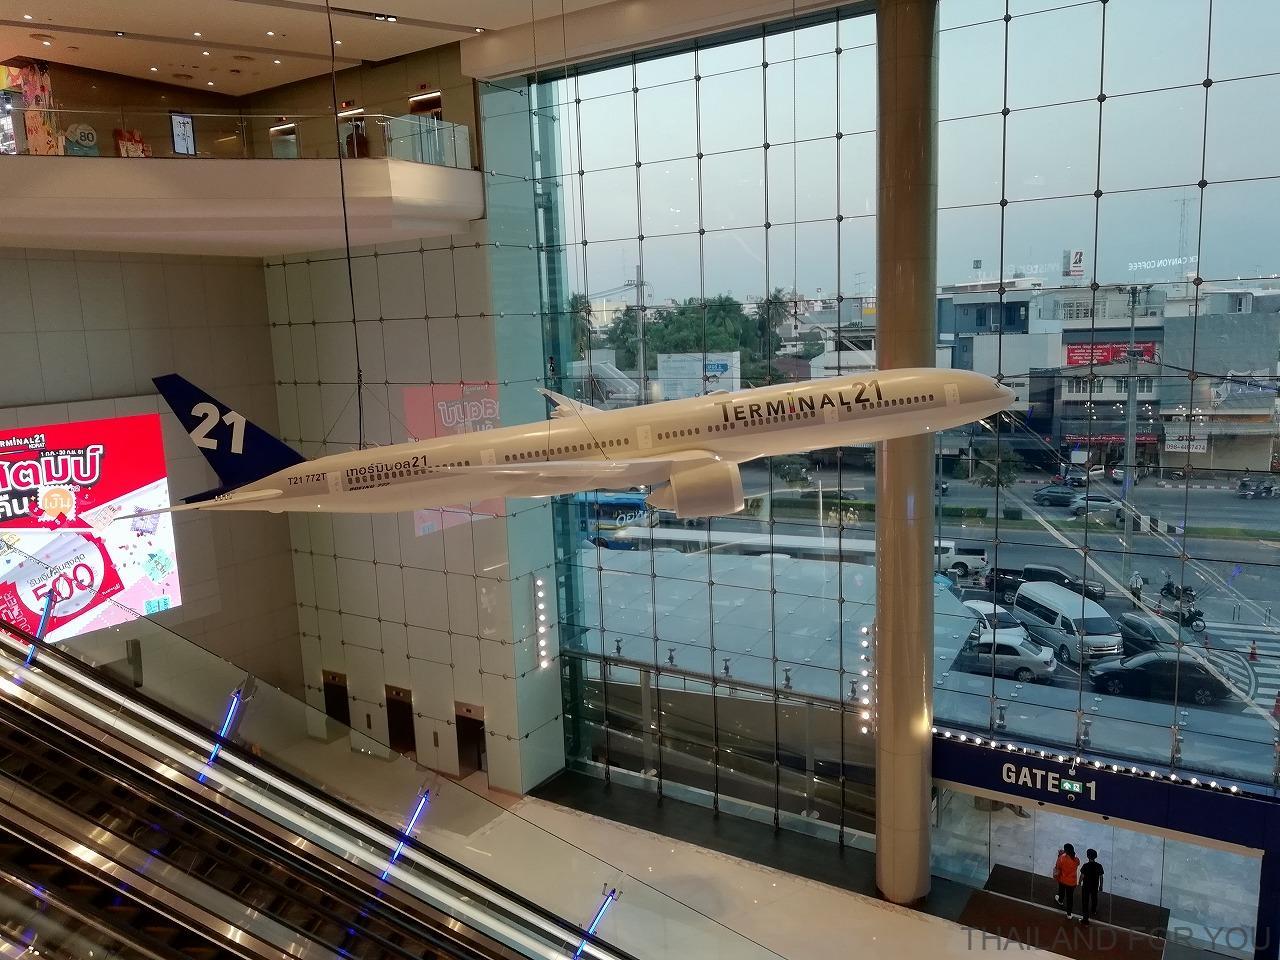 ターミナル21 コラート 展望台 写真 画像